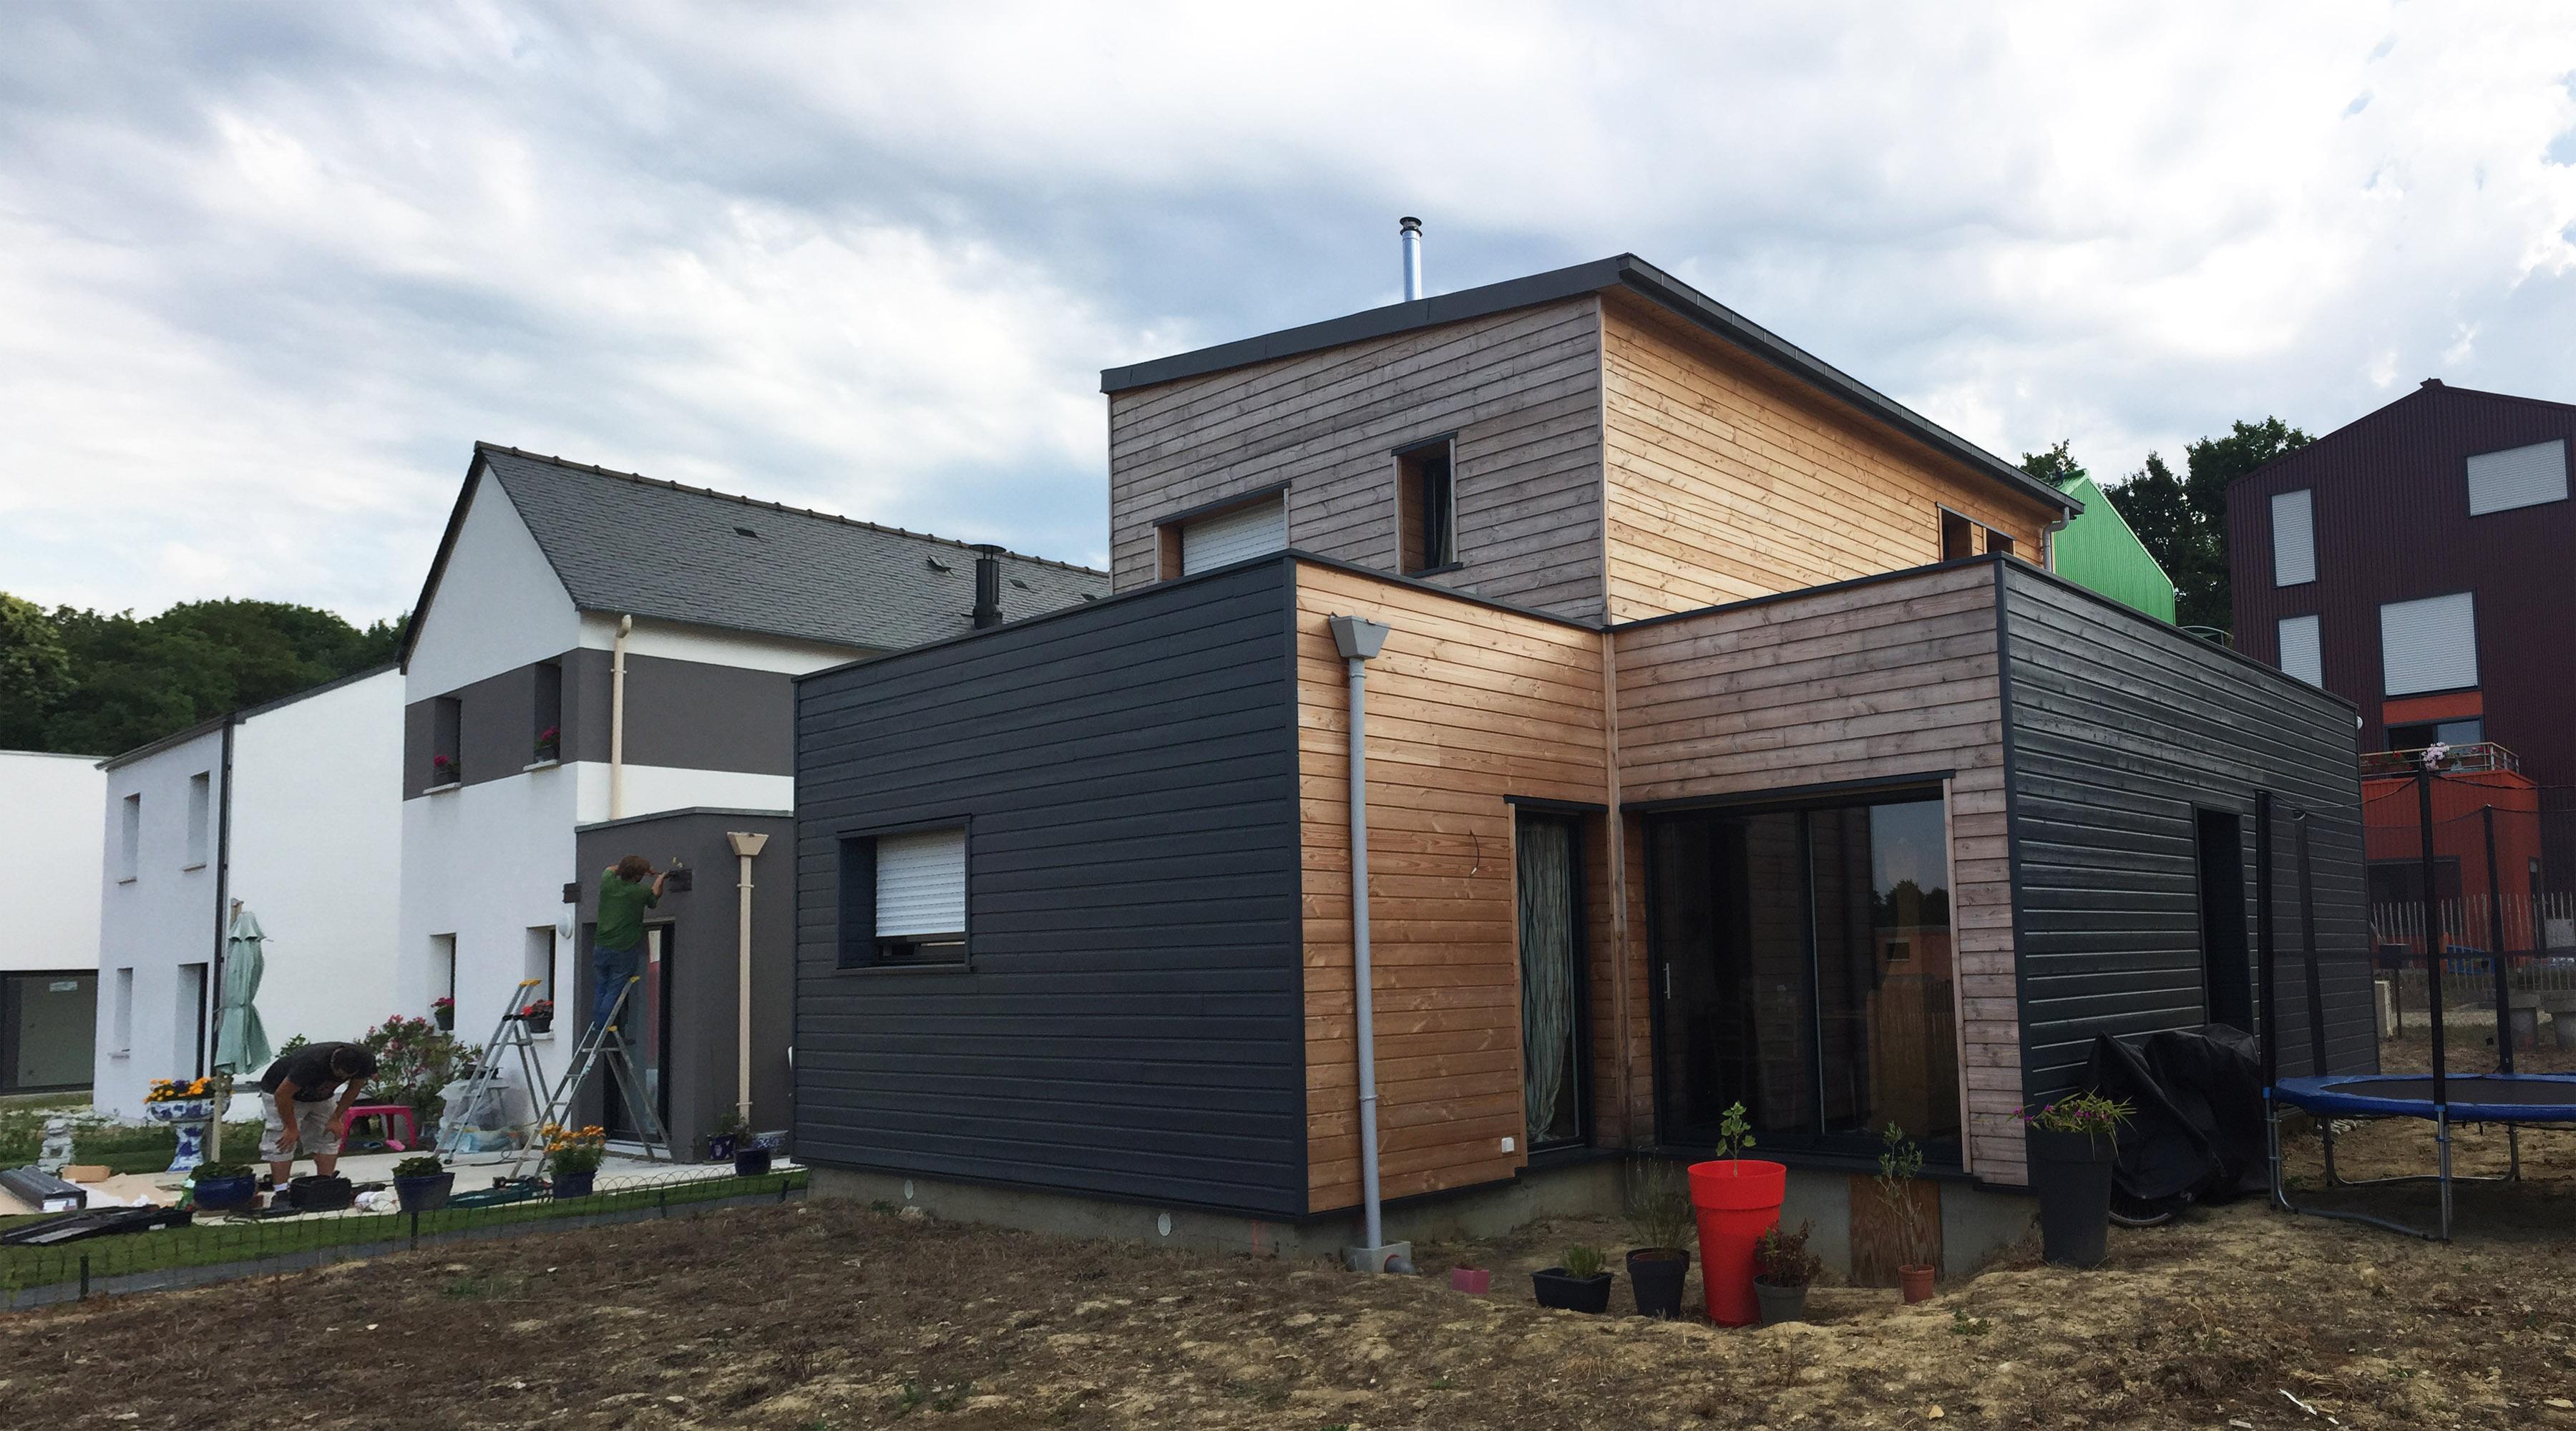 maison bois 35000 euros. Black Bedroom Furniture Sets. Home Design Ideas